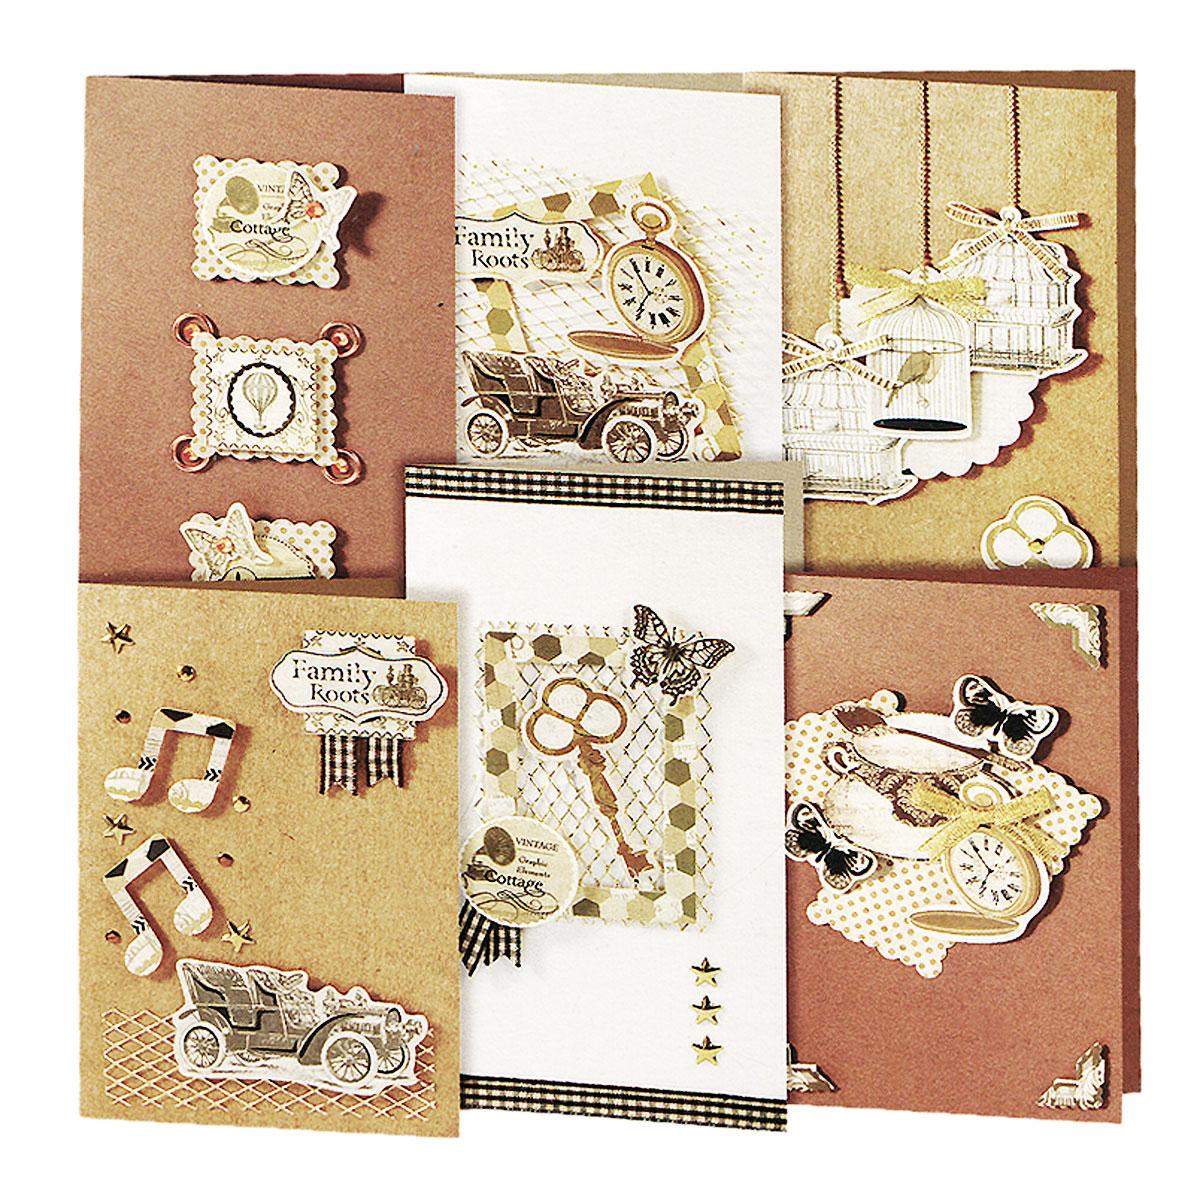 Набор для создания открыток Белоснежка Карнавал, 6 шт216-SBНабор для создания открыток Белоснежка Карнавал позволит вам и вашему ребенку создать 6 оригинальных открыток из картона в стиле 3D скрапбукинг. Набор включает в себя все необходимое для работы: 6 заготовок для открыток, 6 конвертов, клеевые подушечки, бумага для скрапбукинга, декоративные элементы (вырубка из бумаги, ленты, паетки, стразы, полубусины) и подробную инструкцию на русском языке. Скрапбукинг - это хобби, которое способно приносить массу приятных эмоций не только человеку, который этим занимается, но и его близким, друзьям, родным. Это невероятно увлекательное занятие, которое поможет вам сохранить наиболее памятные и яркие моменты вашей жизни, а также интересно оформить интерьер дома. Размер малой открытки: 11,5 см х 17 см. Размер большой открытки: 11,5 см х 21 см.